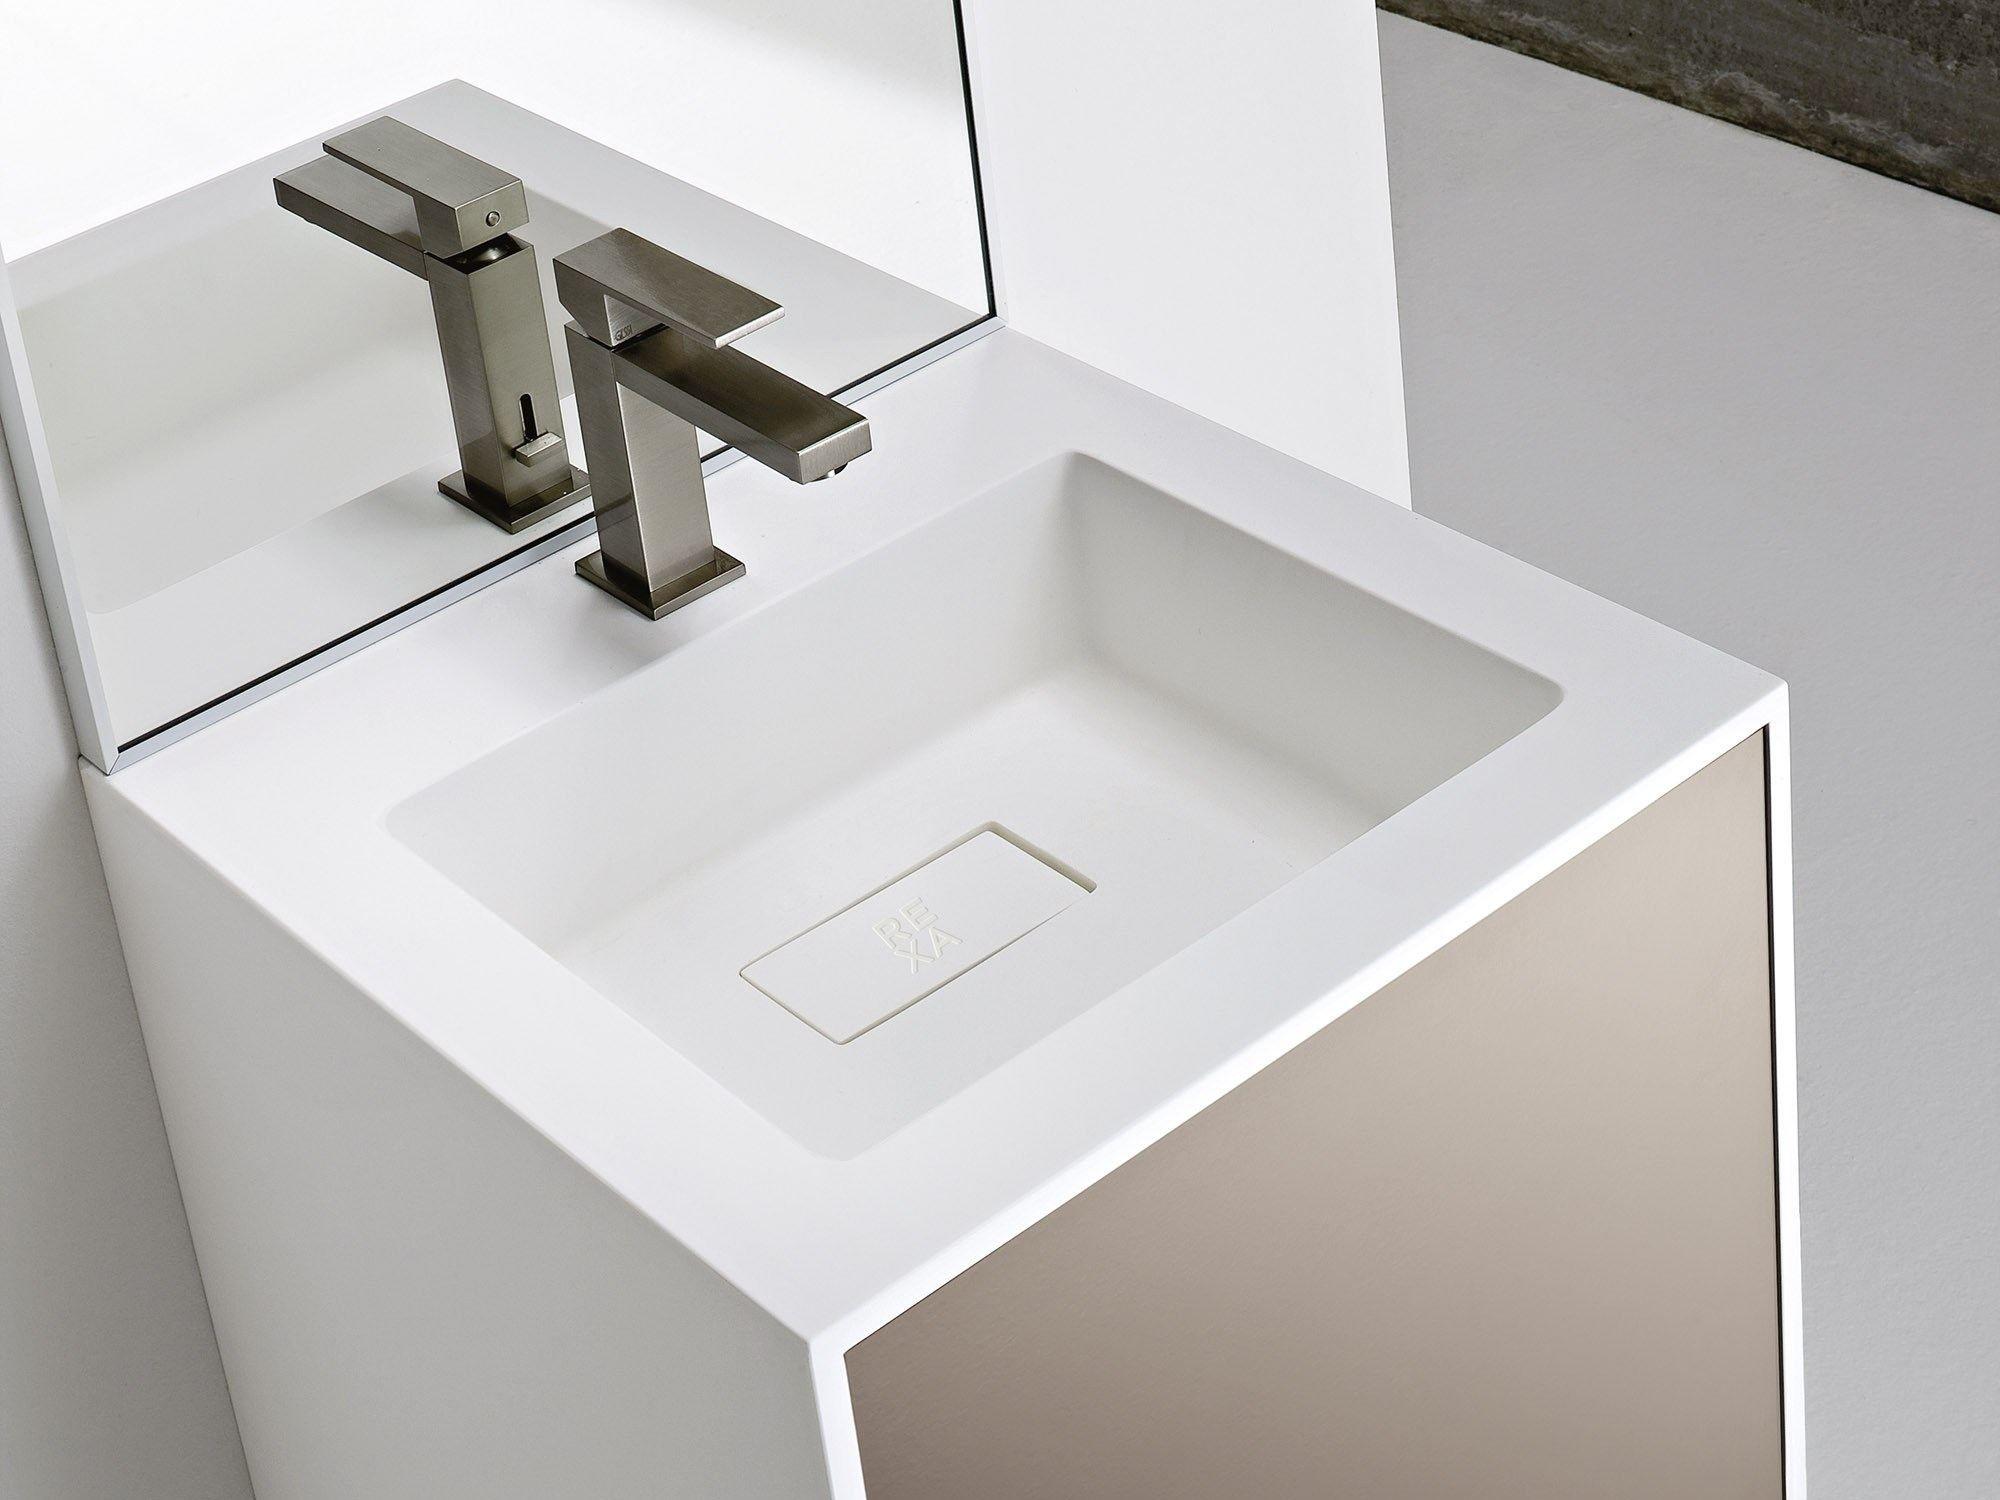 robinet pour baignoire ilot pas cher. Black Bedroom Furniture Sets. Home Design Ideas